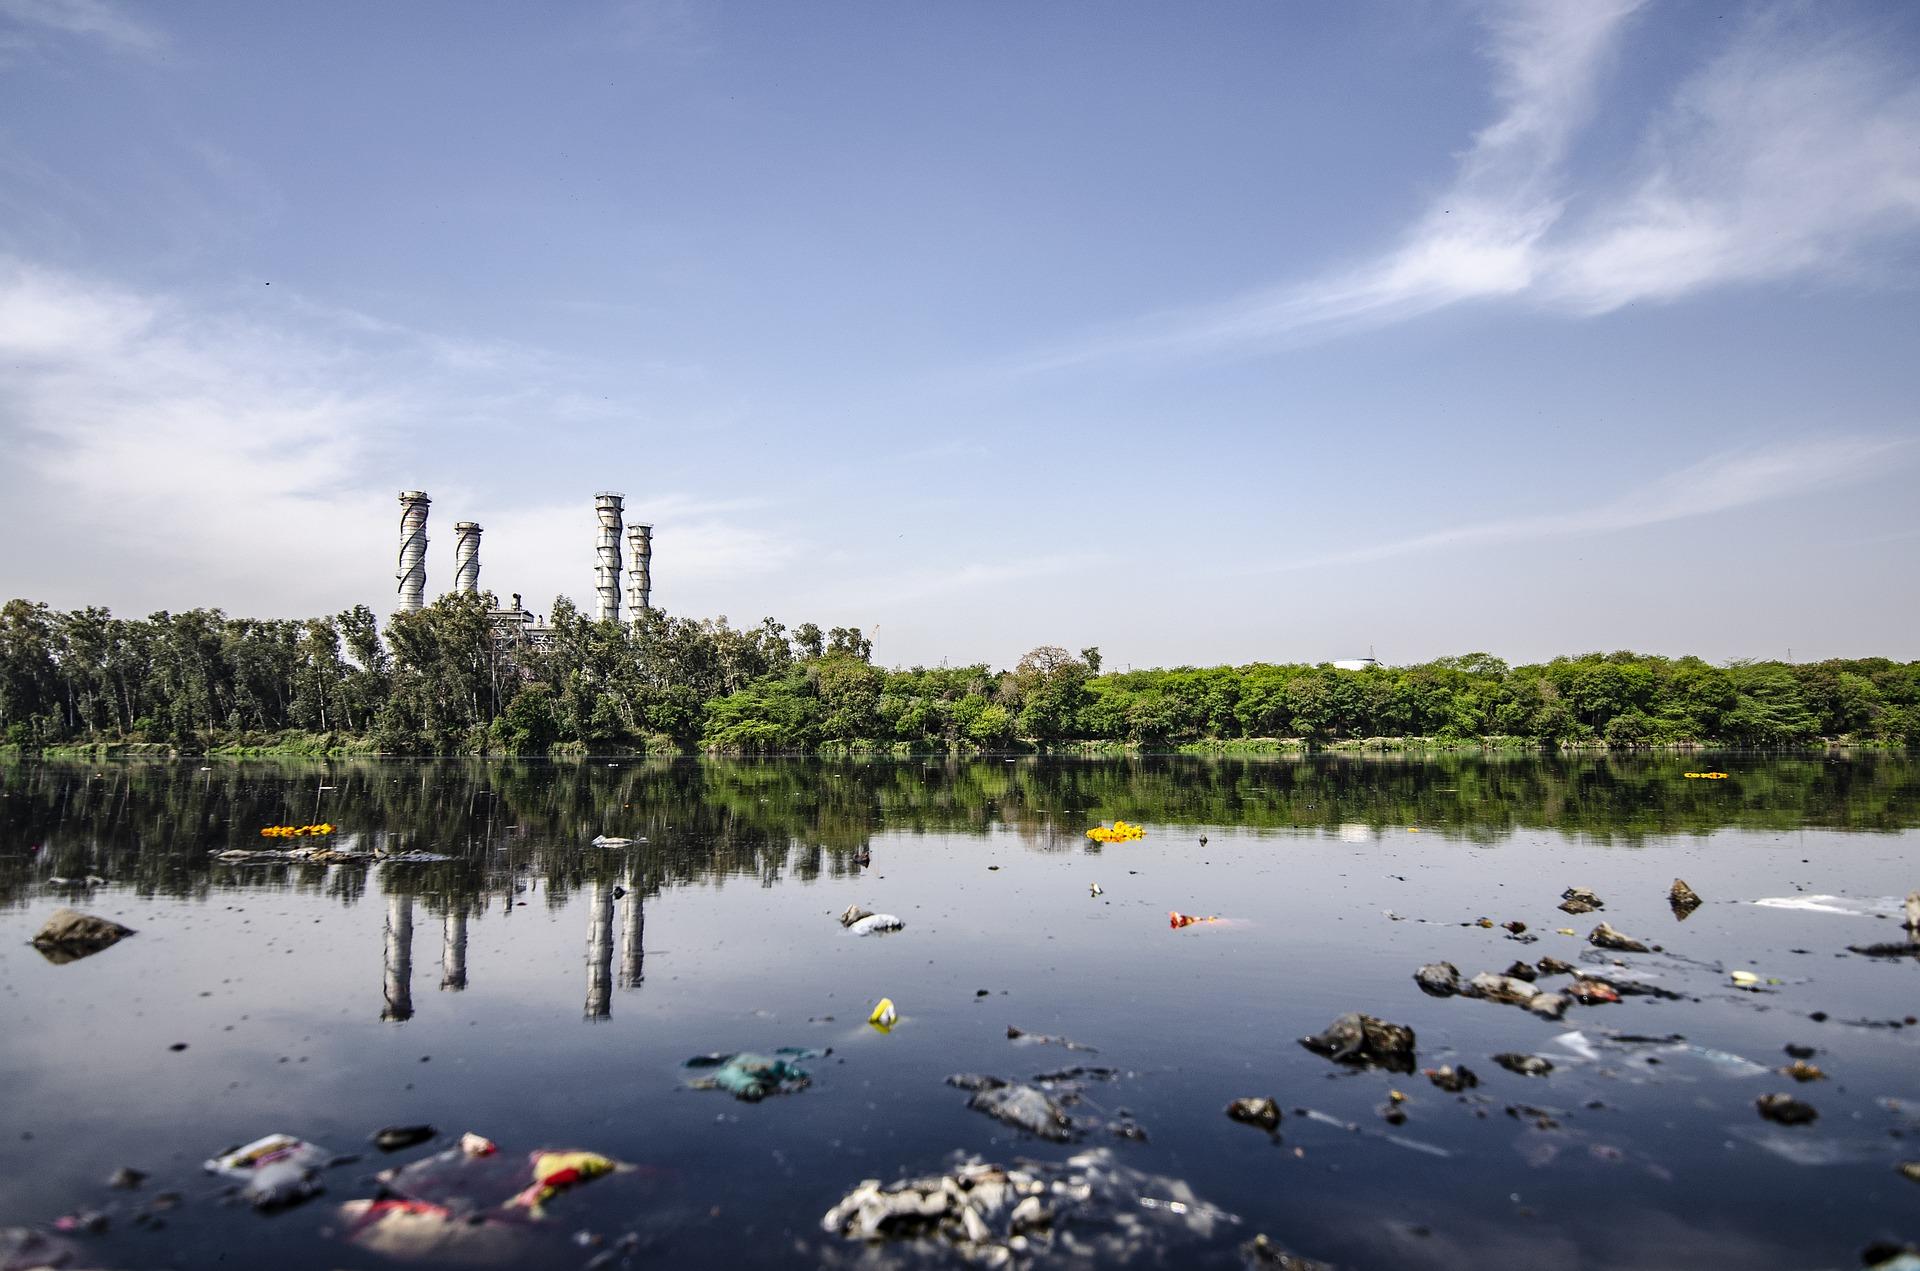 Aguas residuales que contaminan los rios